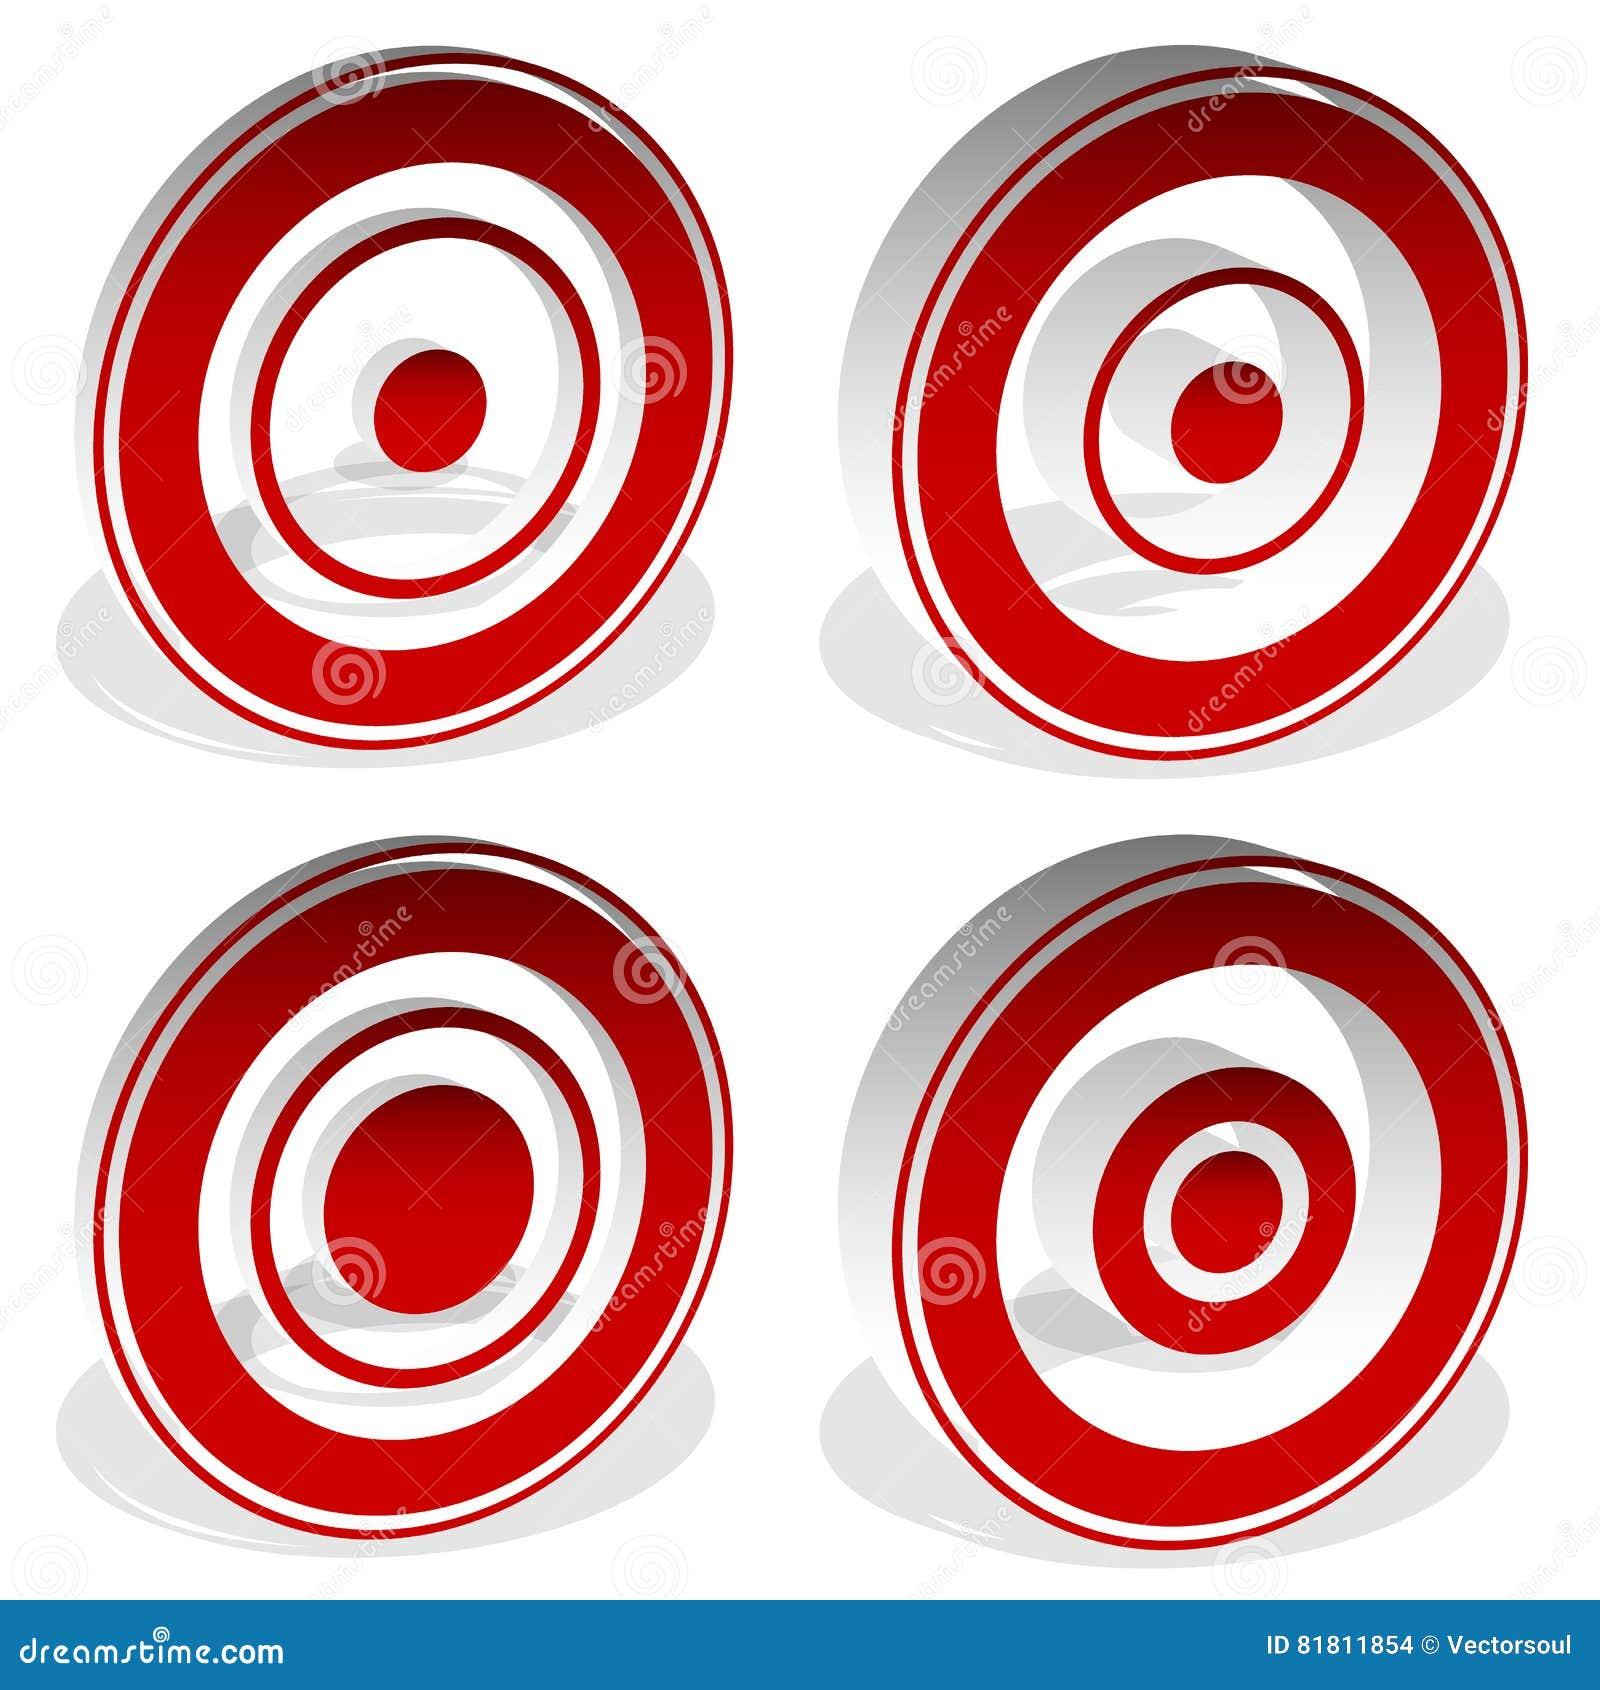 Концентрические круги, яблочко, перекрестие, перекрещение, метка i цели